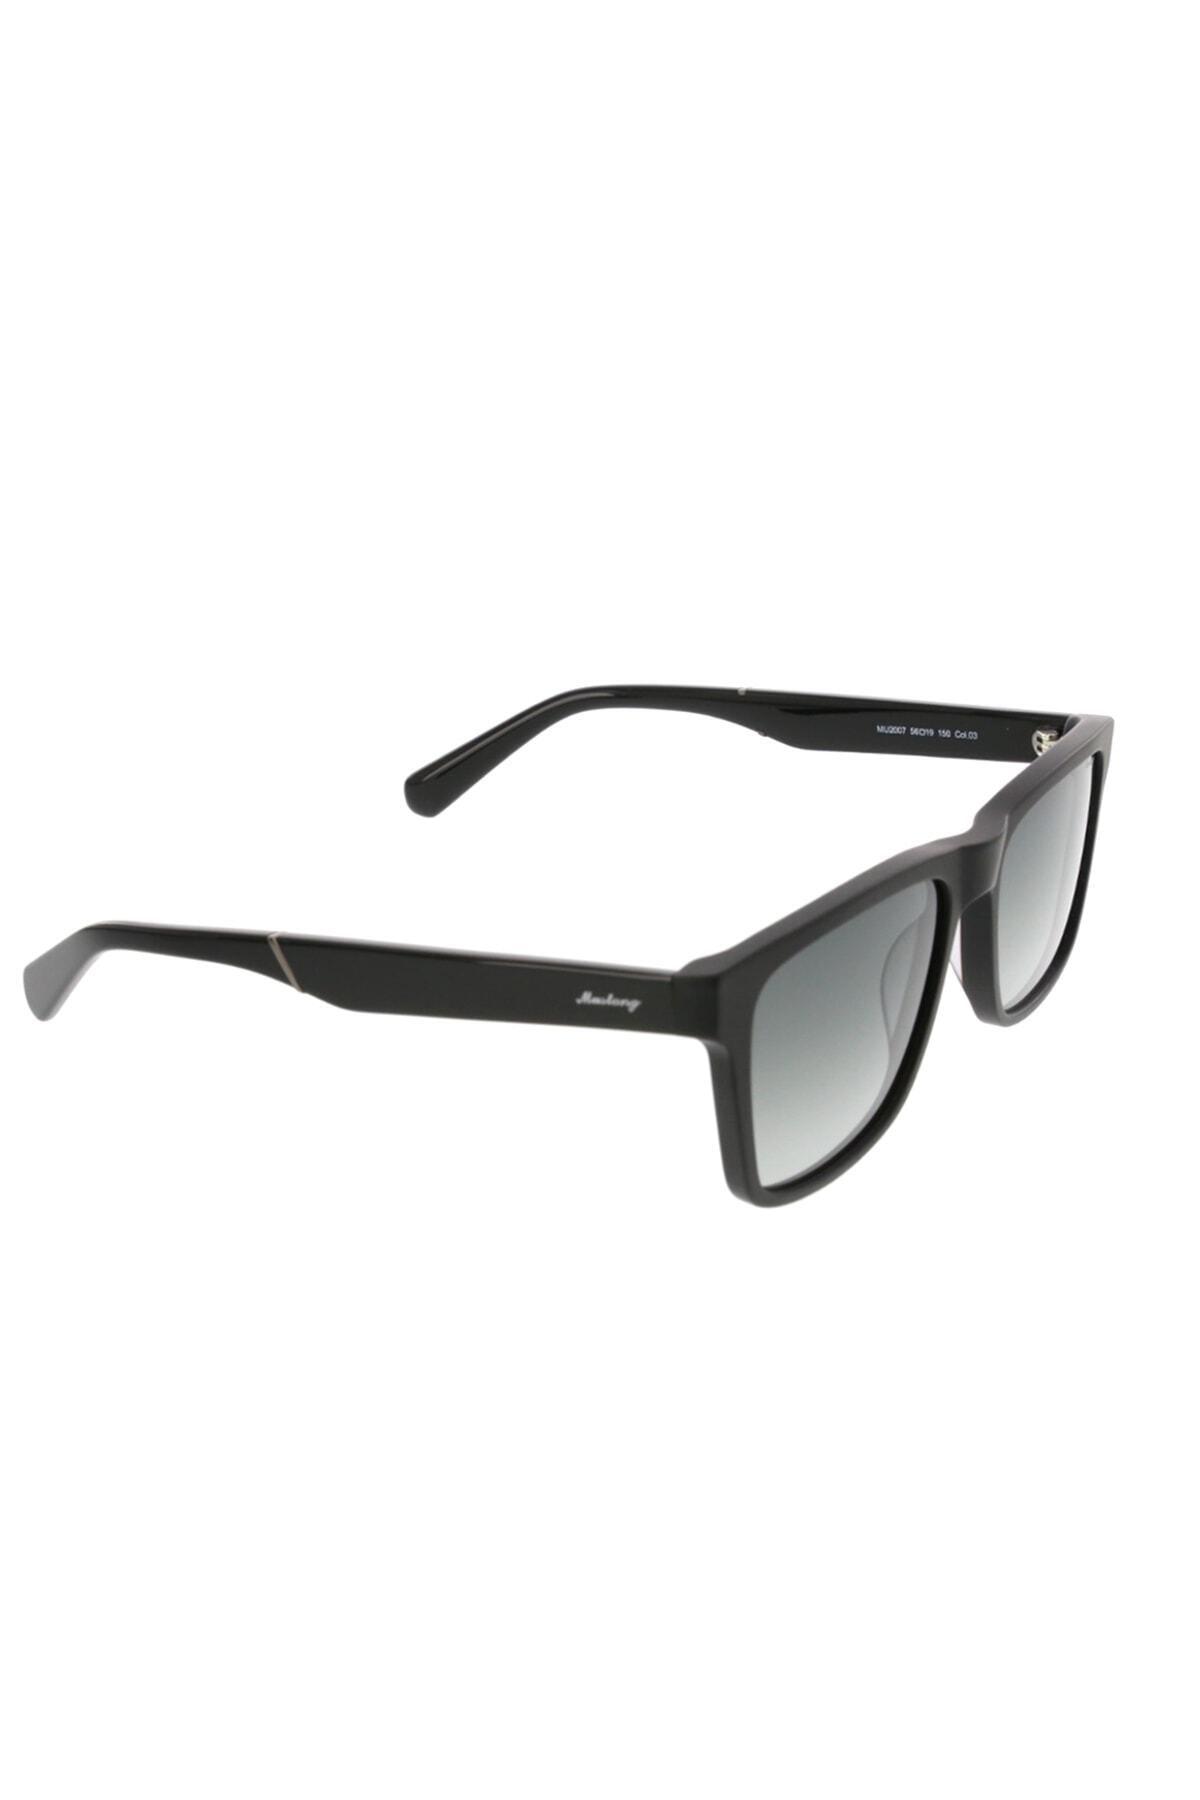 خرید مستقیم عینک دودی جدید برند موستانگ رنگ نقره ای کد ty35106603